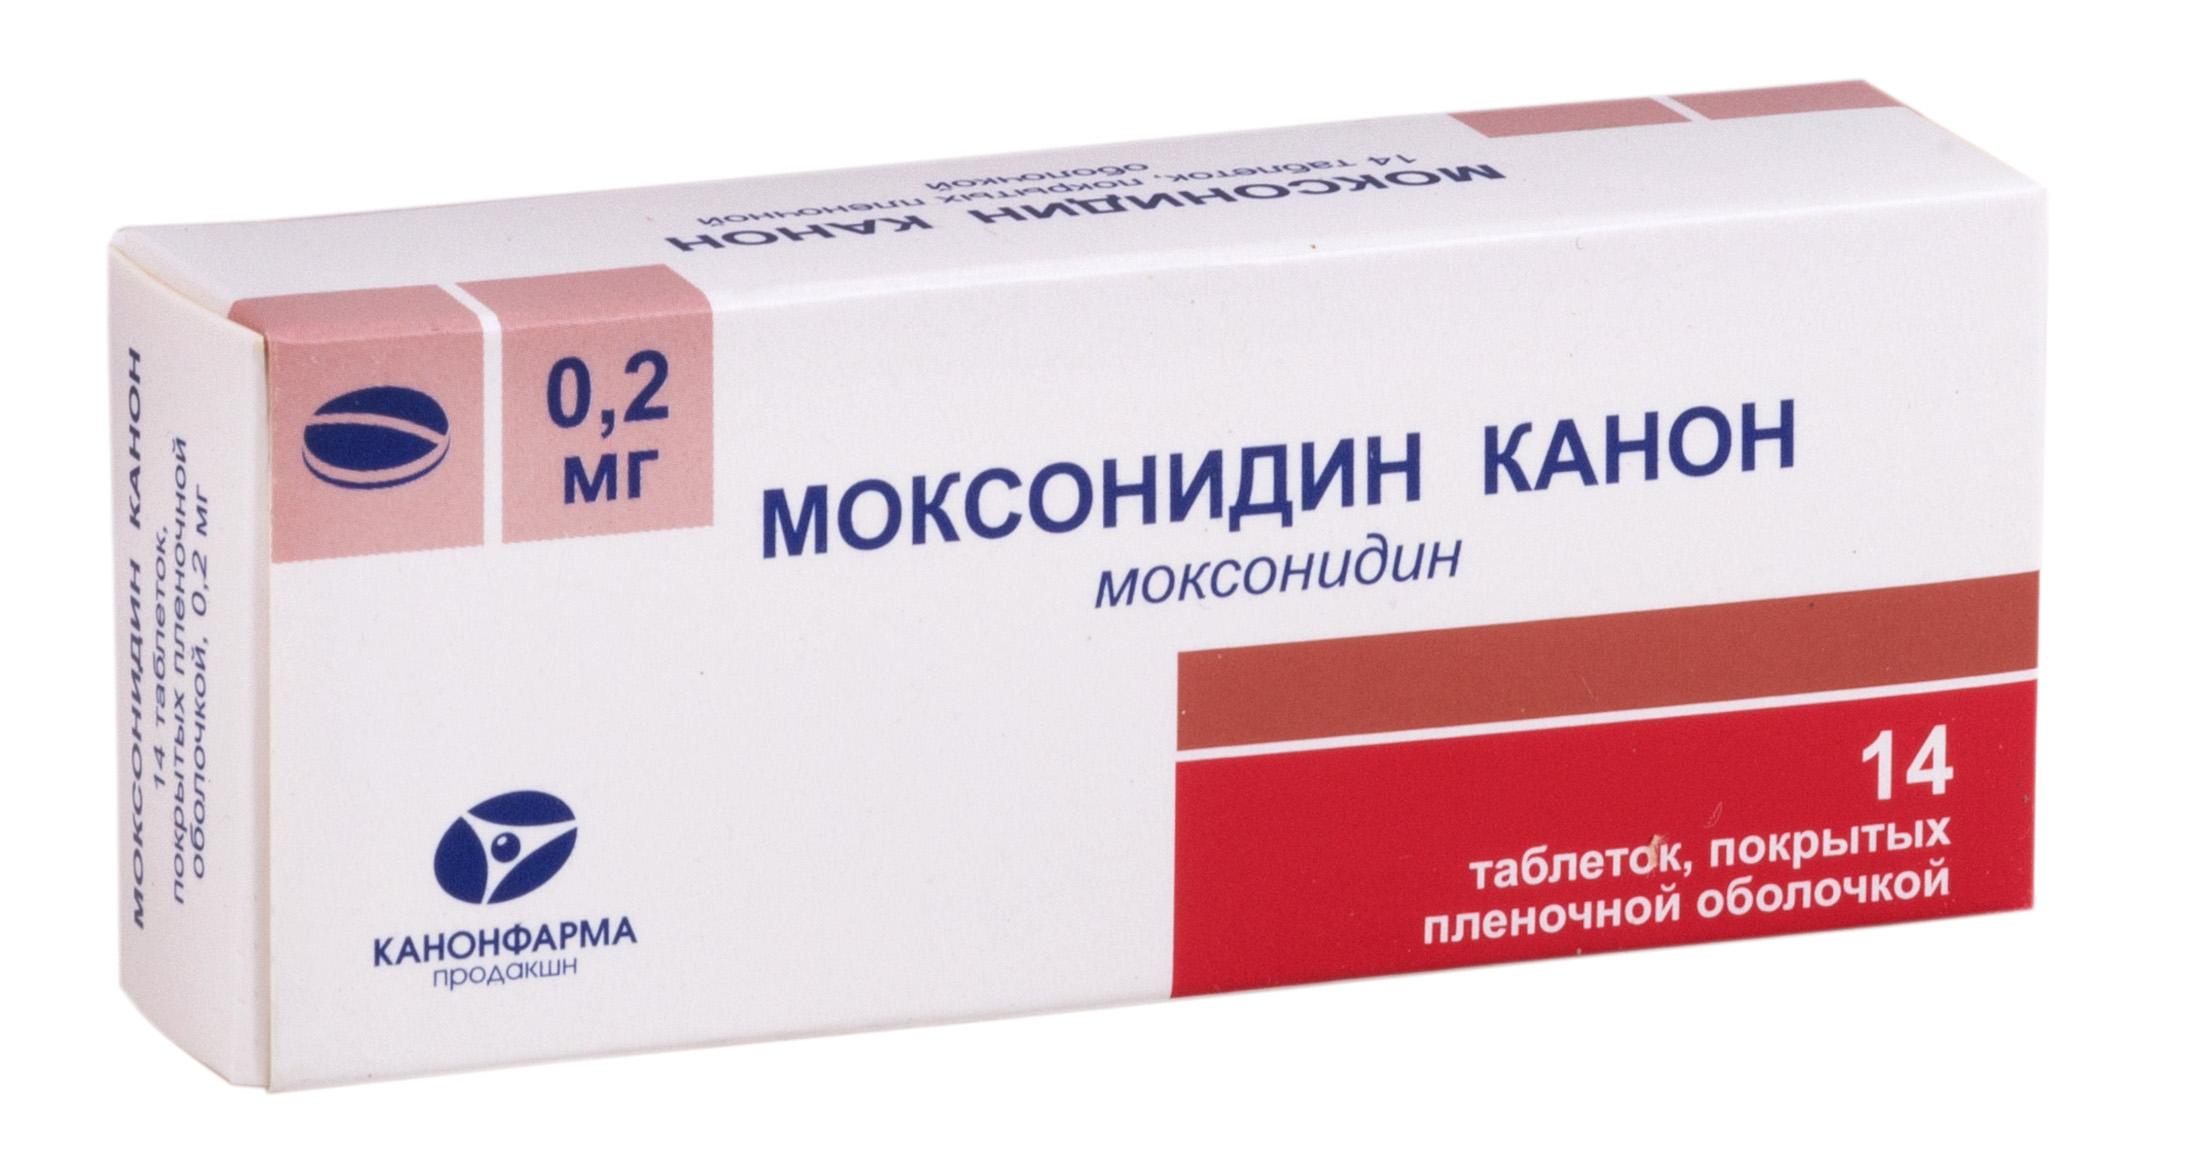 Моксонидин Канон табл. п.п.о. 0,2 мг №14